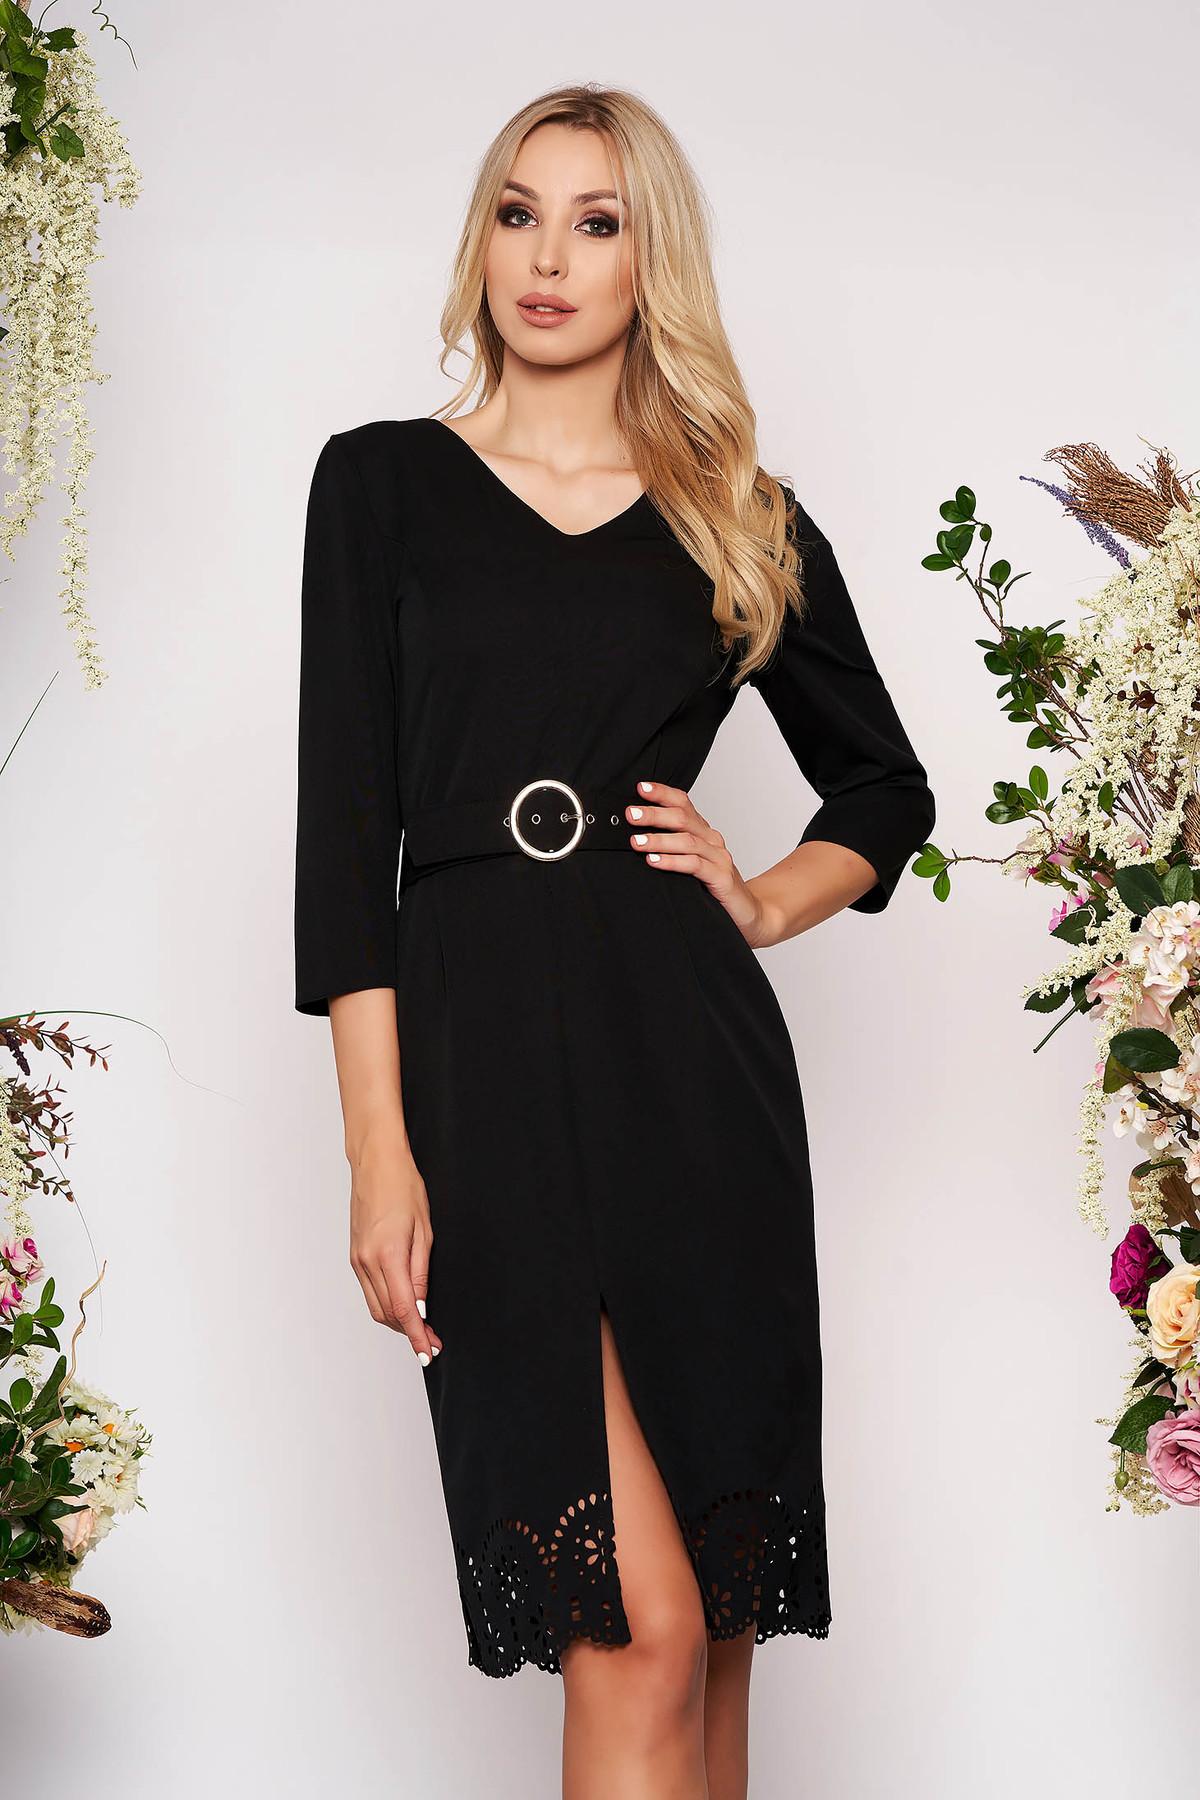 Rochie neagra eleganta midi tip creion cu decupaje in material cu decolteu in v cu accesoriu tip curea